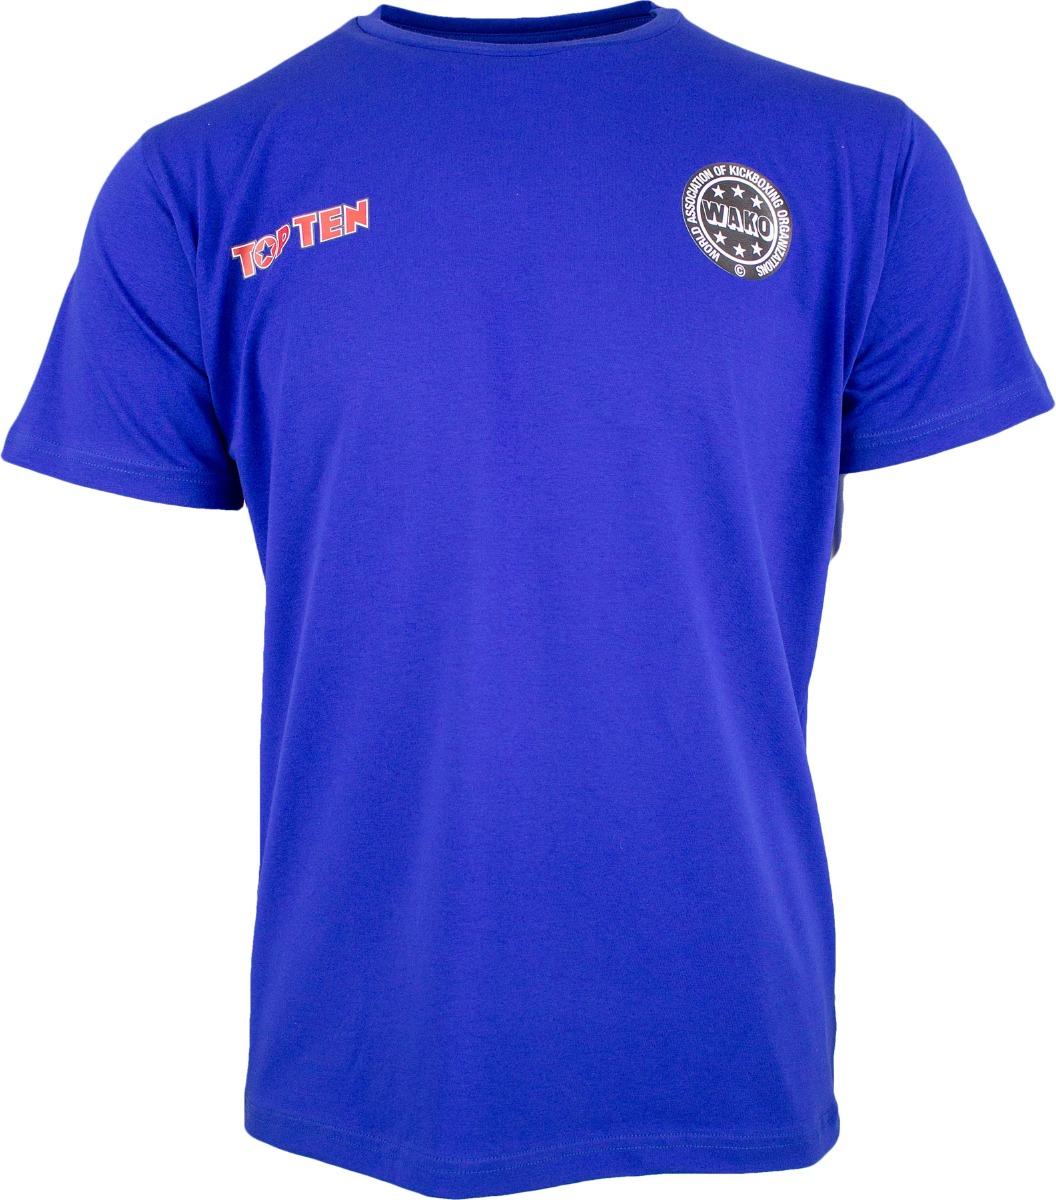 """T-Shirt """"Wako No 1"""" Blauw"""